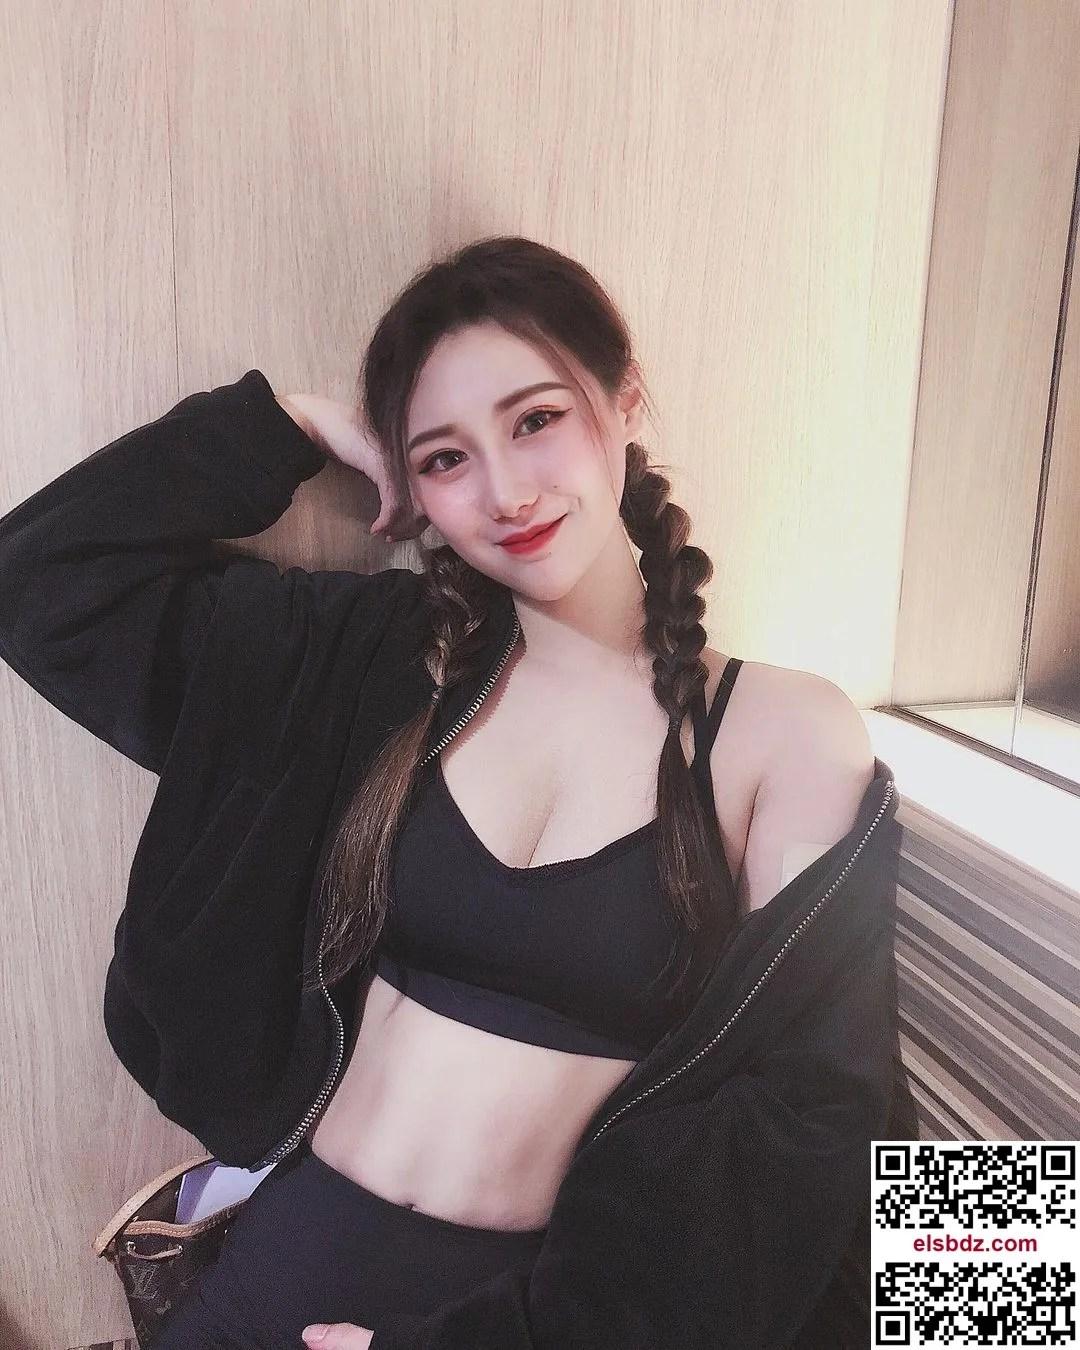 Dora内衣照曝光…胸型绝对极品插图(4)